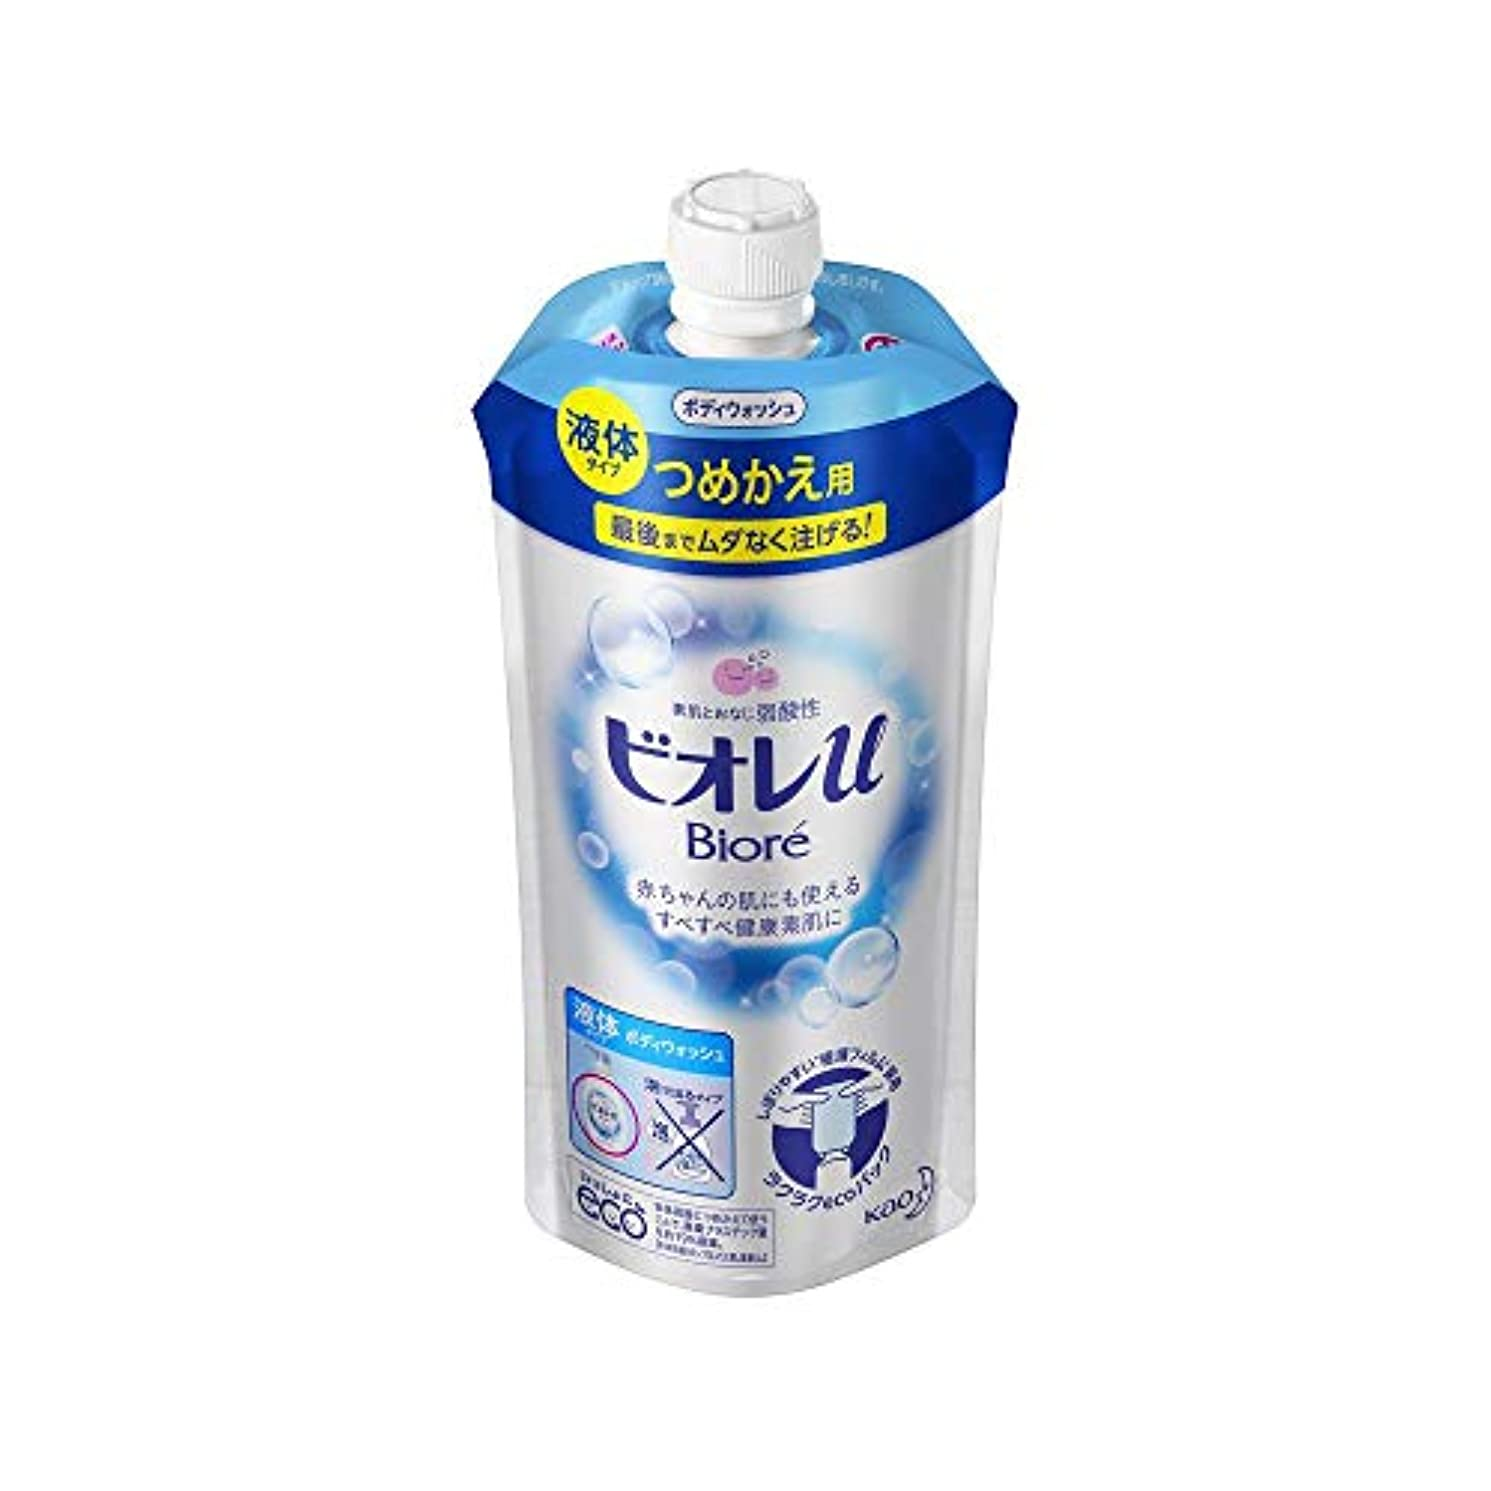 鏡グレートオーク検索エンジン最適化花王 ビオレu つめかえ用 340ML